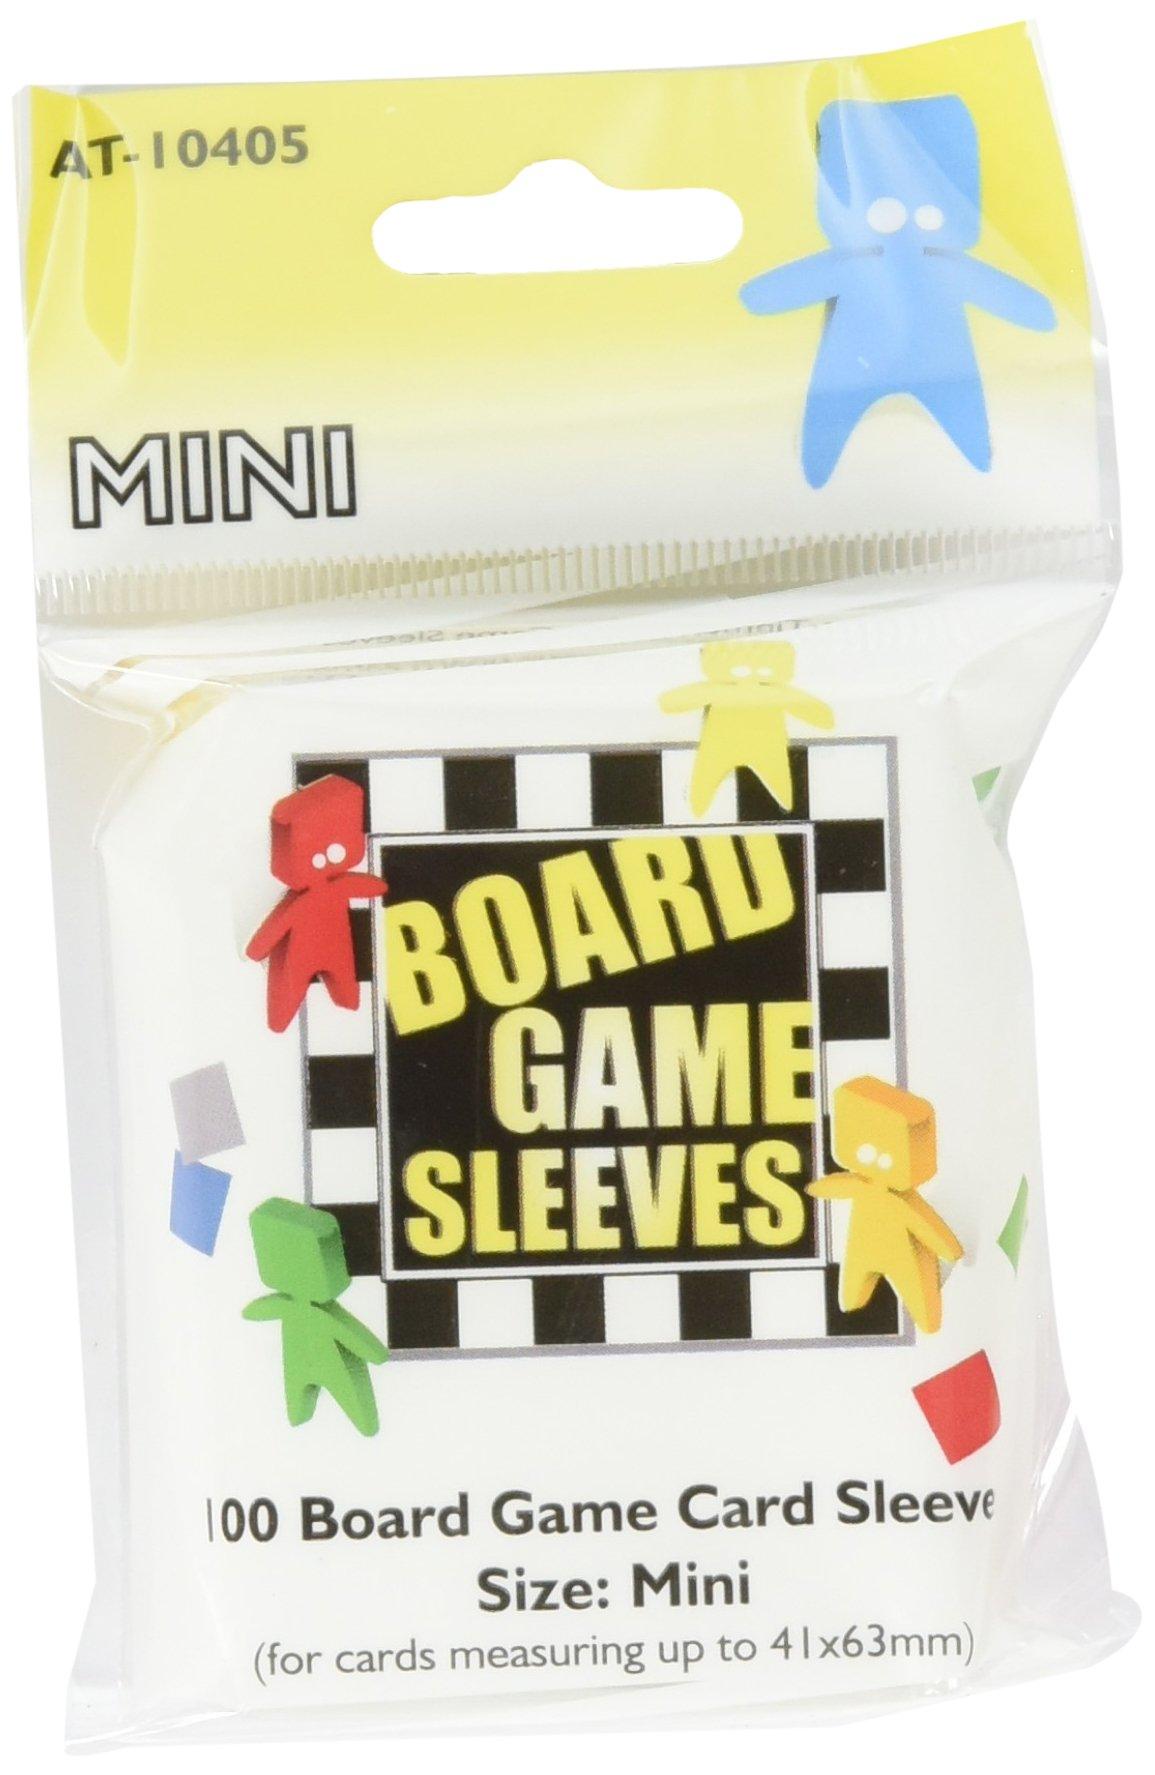 Arcane Tinmen - Juego de Cartas (0) [Importado]: Amazon.es: Juguetes y juegos